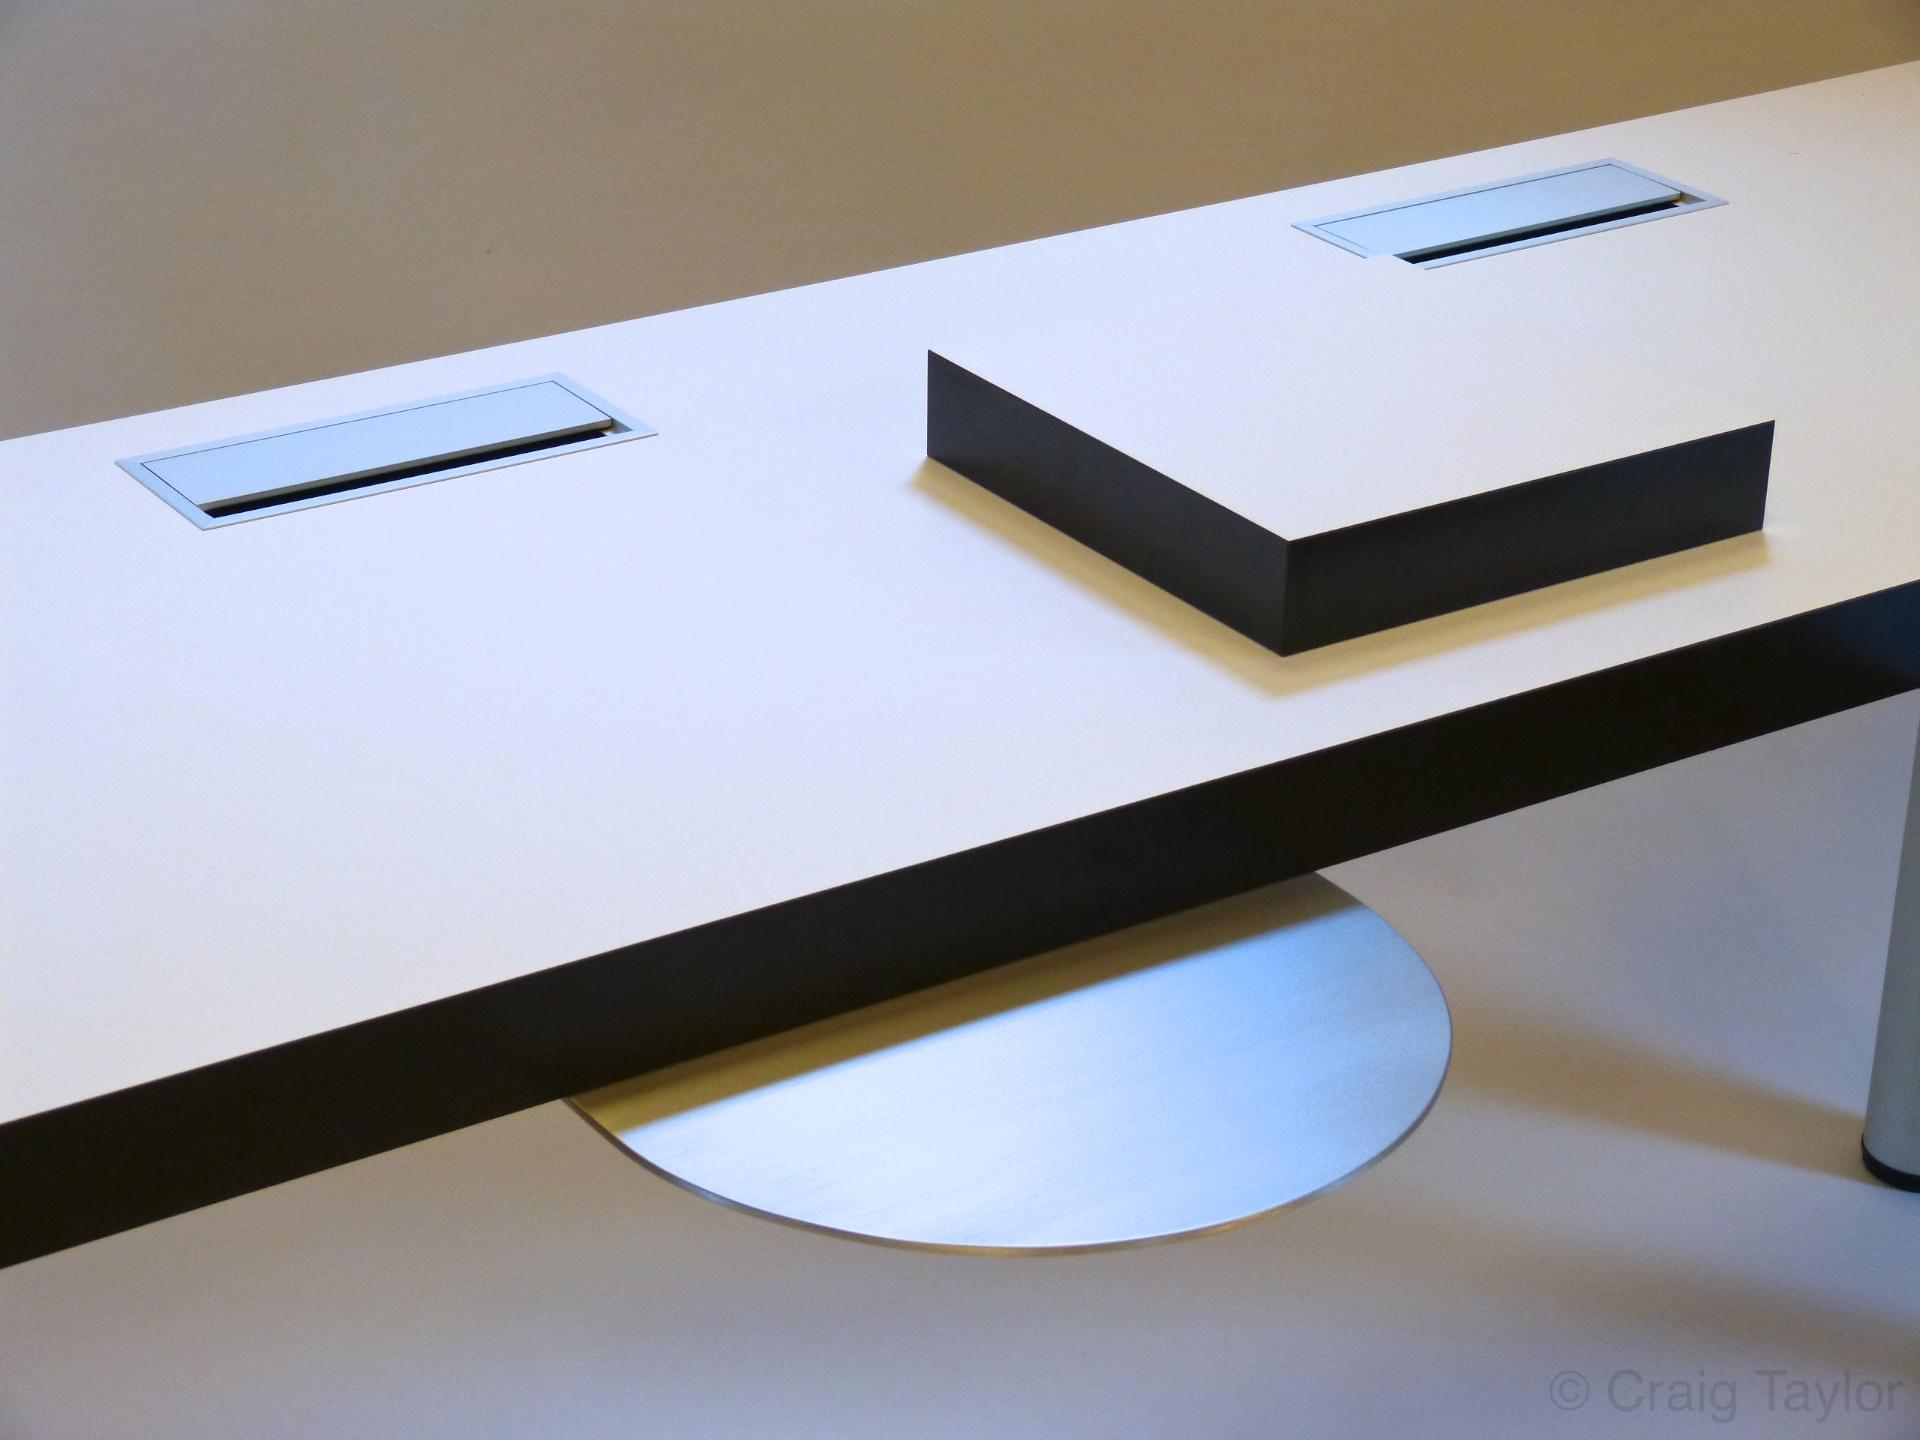 Gallery 1 Craig Taylor Design